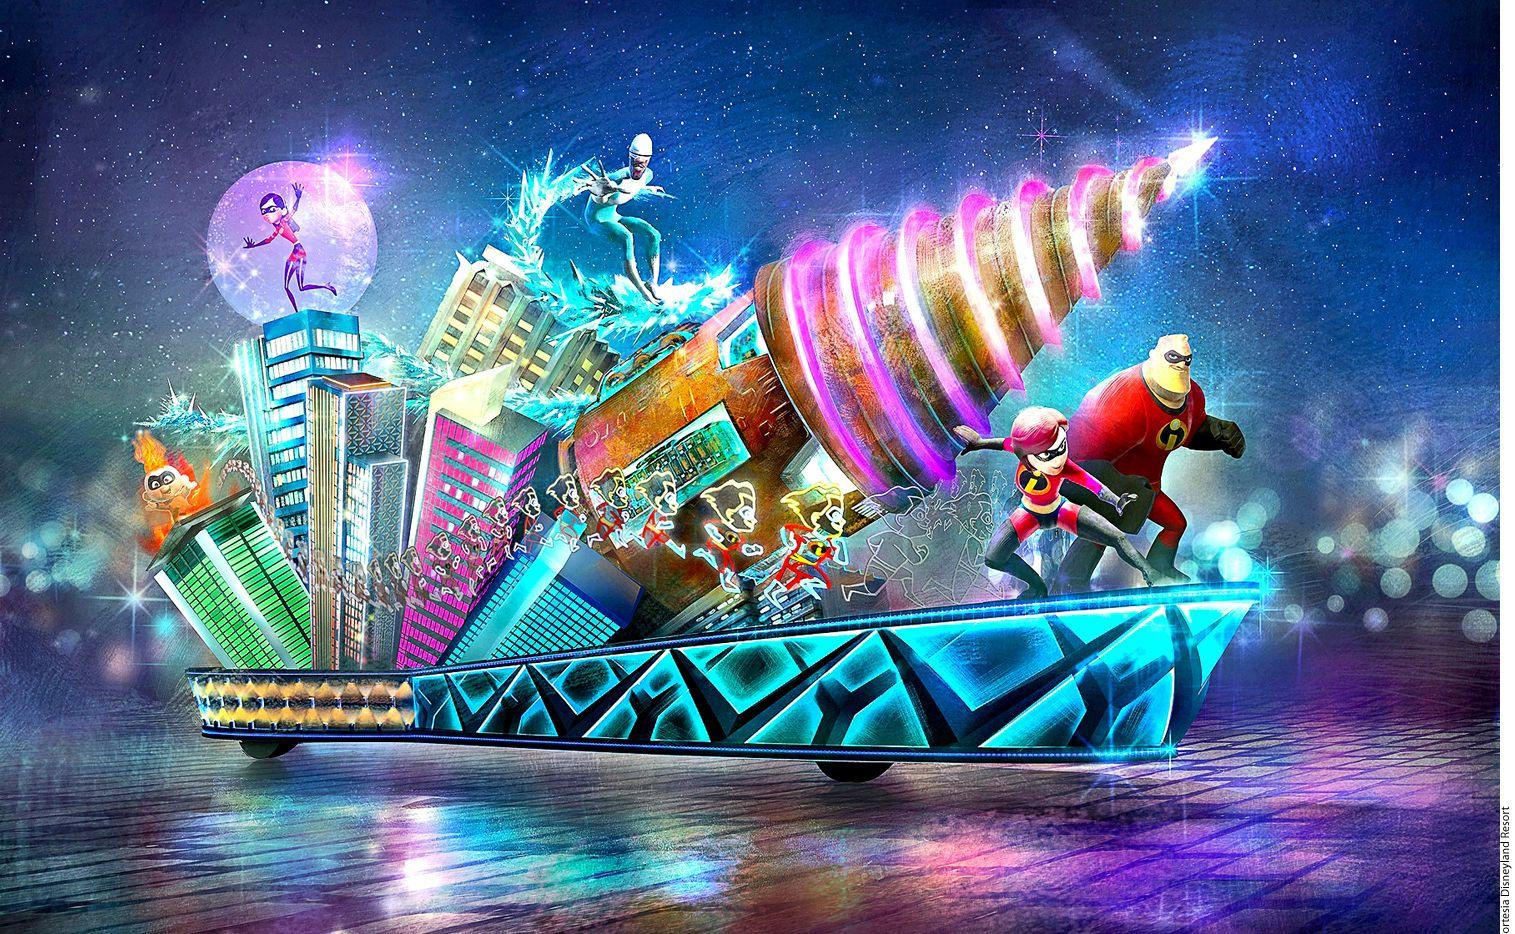 """Foto: Con un recorrido de casi mil 830 metros, la montaña rusa Incredicoaster promete convertirse en una de las atracciones favoritas de esta zona, la cual está inspirada en las cintas de Pixar como """"Intensamente"""" y """"Toy Story""""./ AGENCIA REFORMA"""